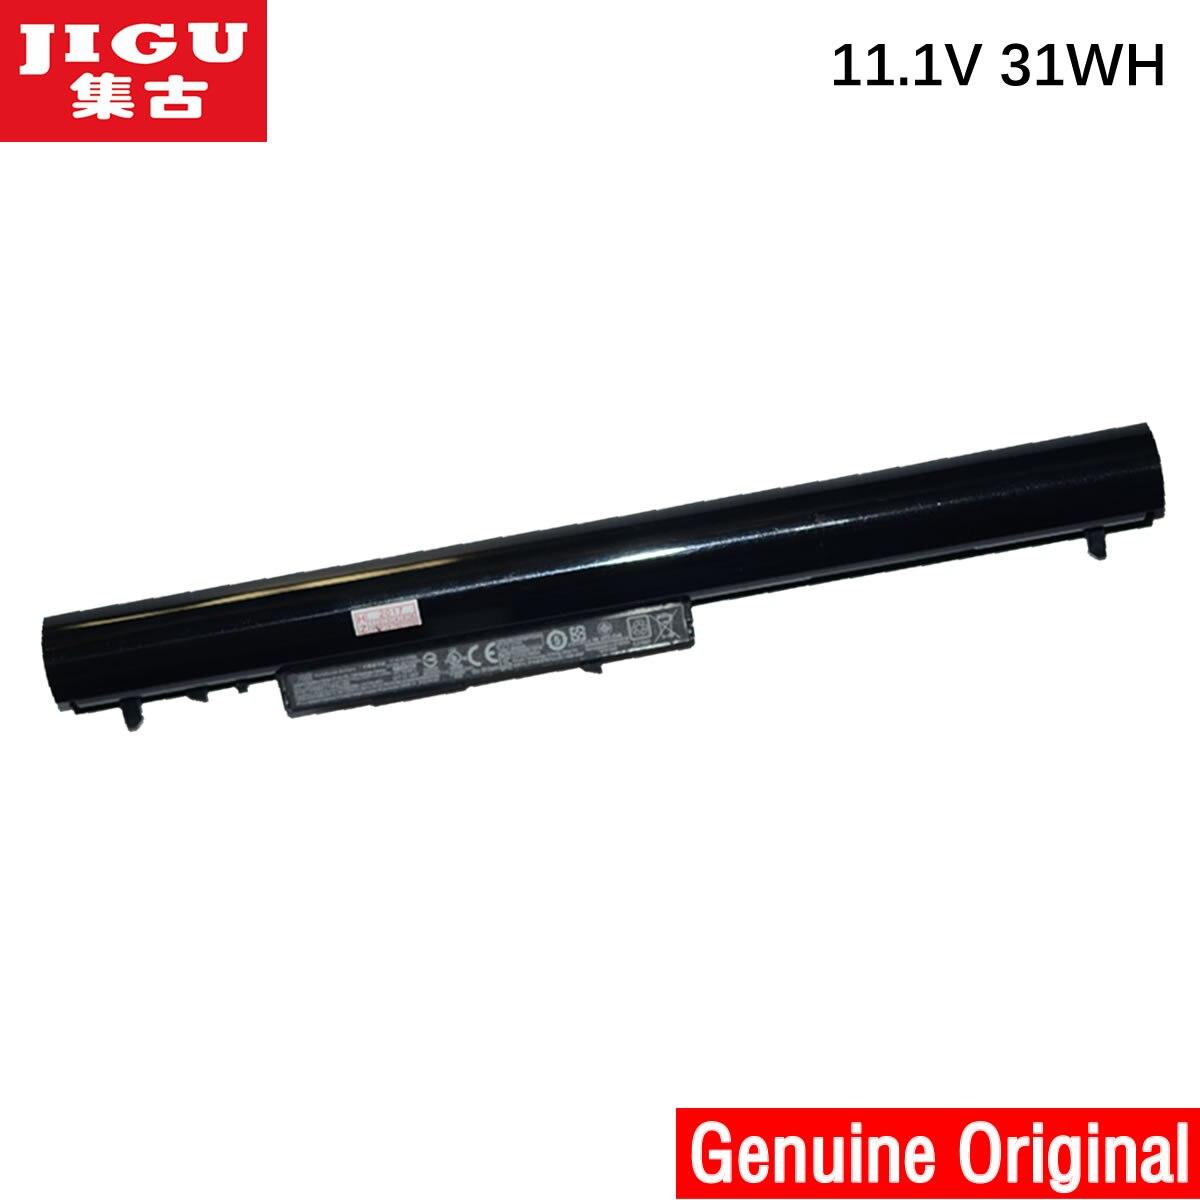 Оригинальный аккумулятор JIGU для ноутбука HP 15 15-D000 11,1 V 31WH, TPN-F112 OA03 HSTNN-LB5Y 746641-001